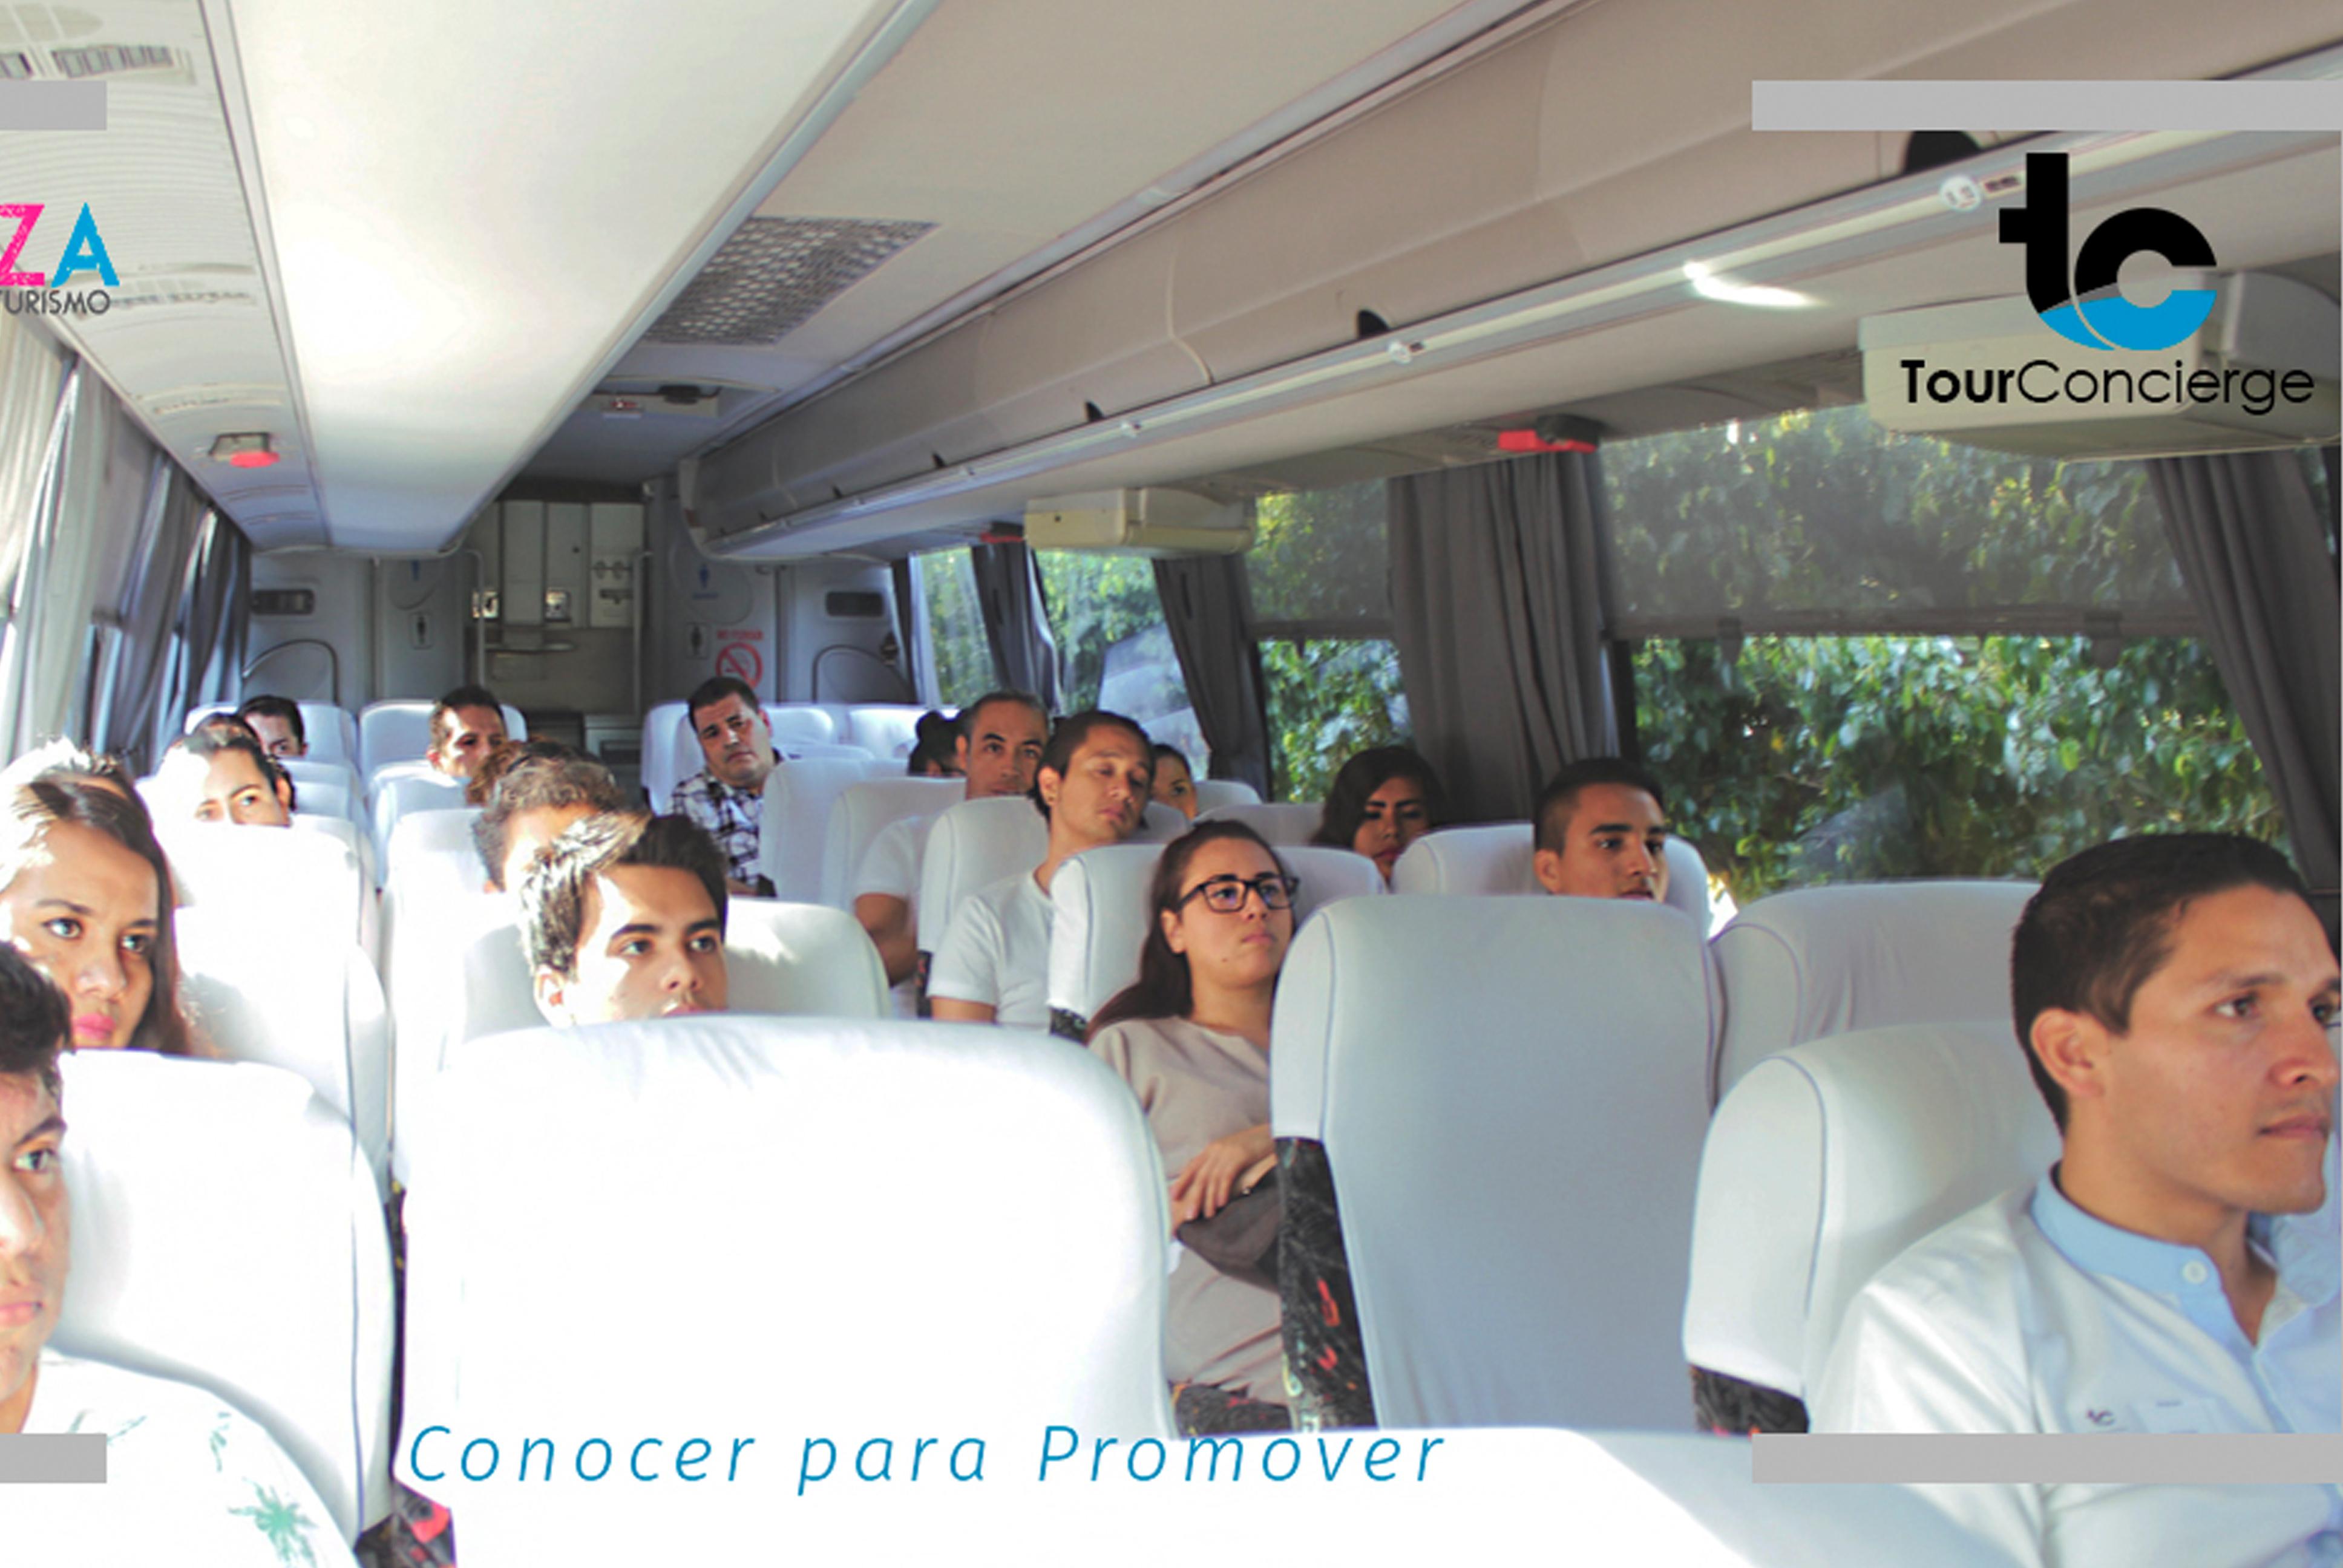 tour concierge bus